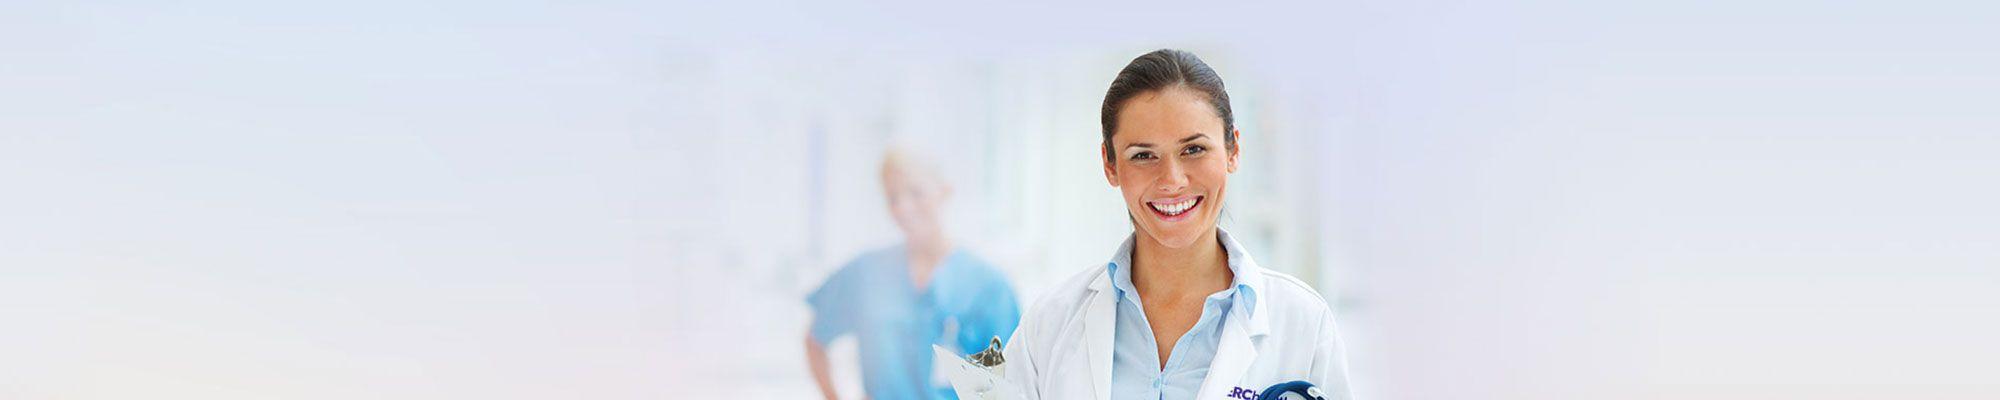 Determine Your Health Insurance Premium